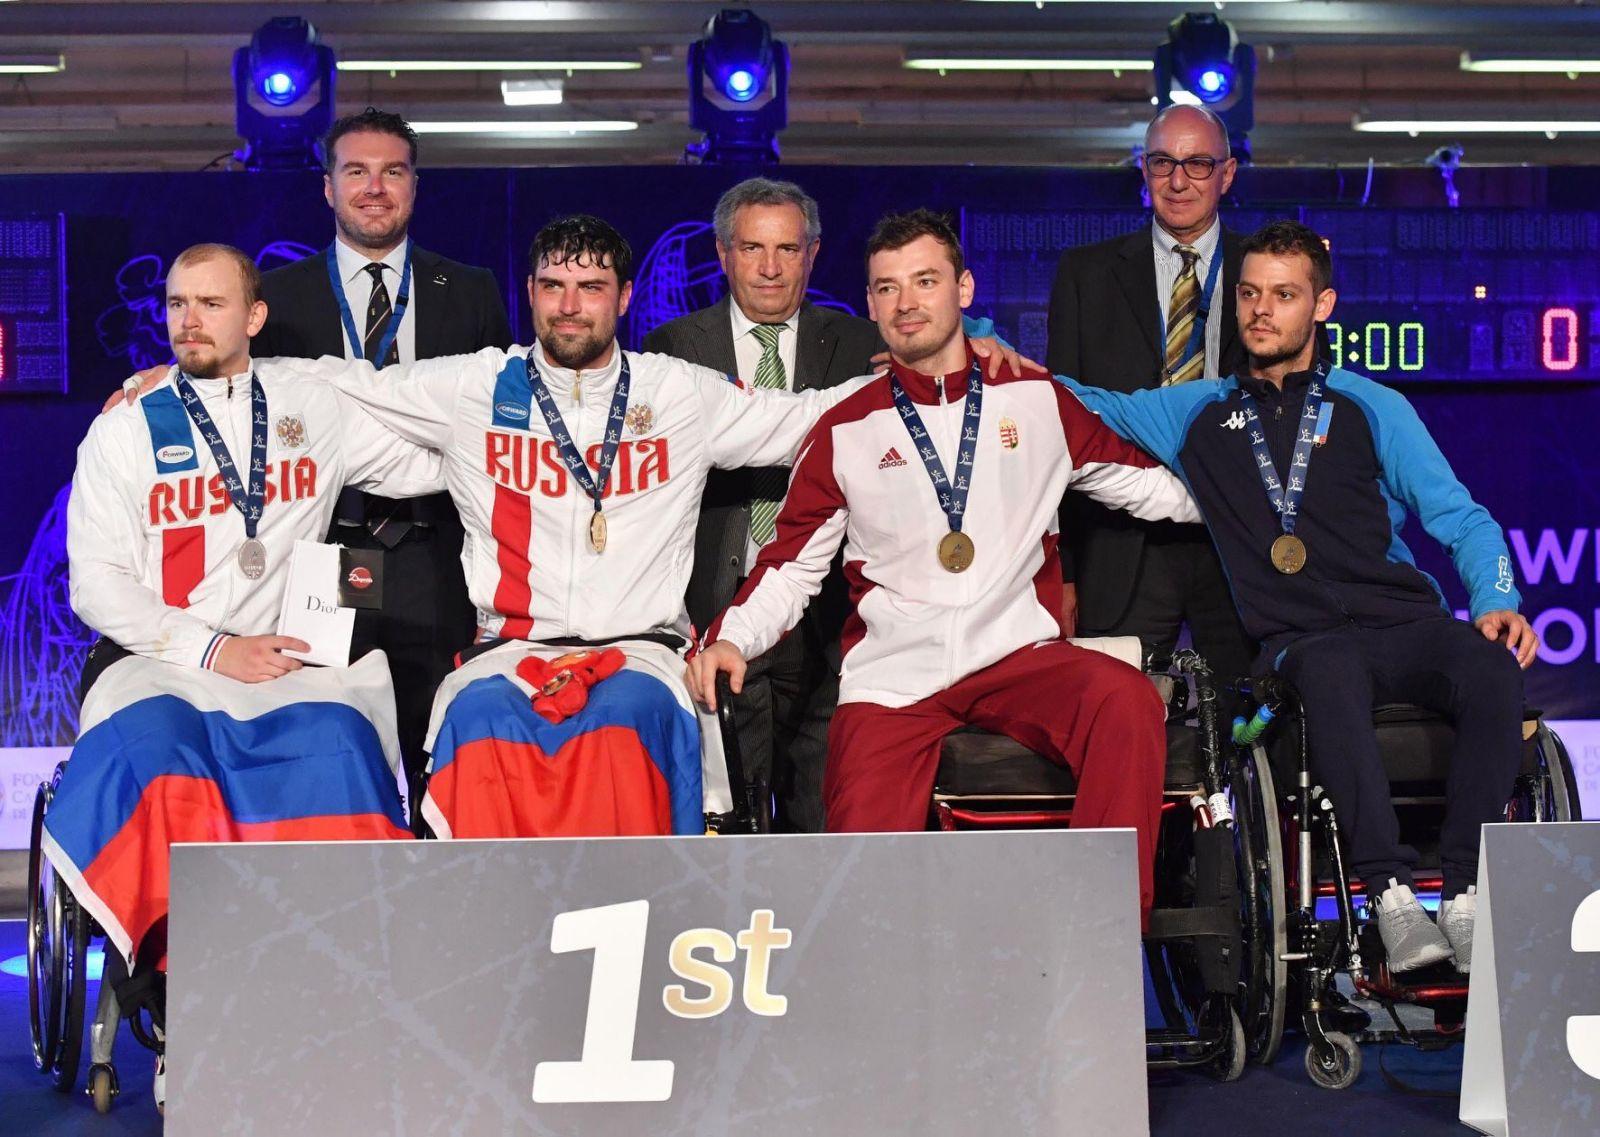 Сборная команда России по фехтованию на колясках завоевала 2 золотые, 1 серебряную и 2 бронзовые медали в первый день чемпионата Европы в Италии